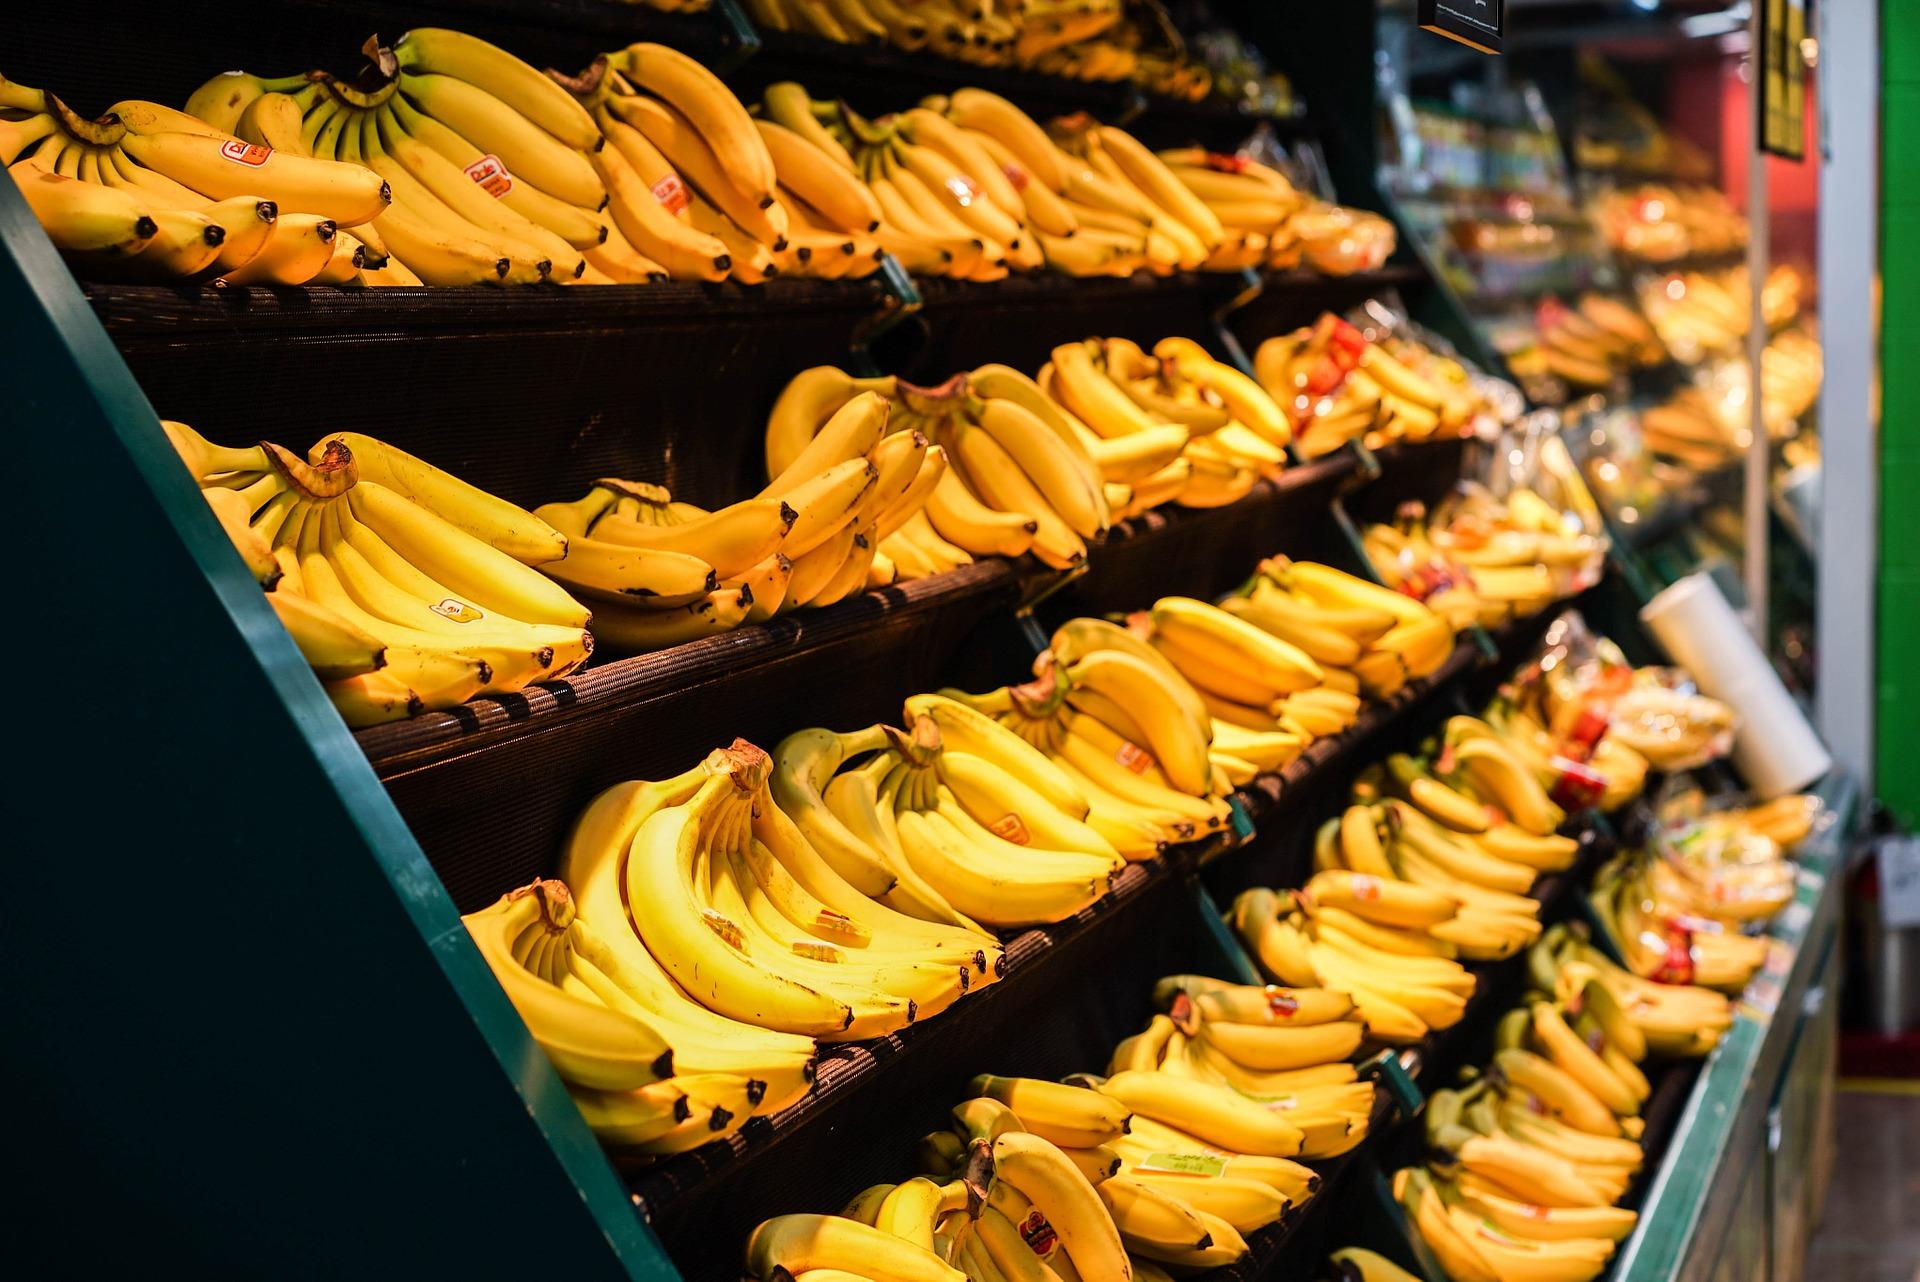 Un racimo de bananas en un estante de una tienda.